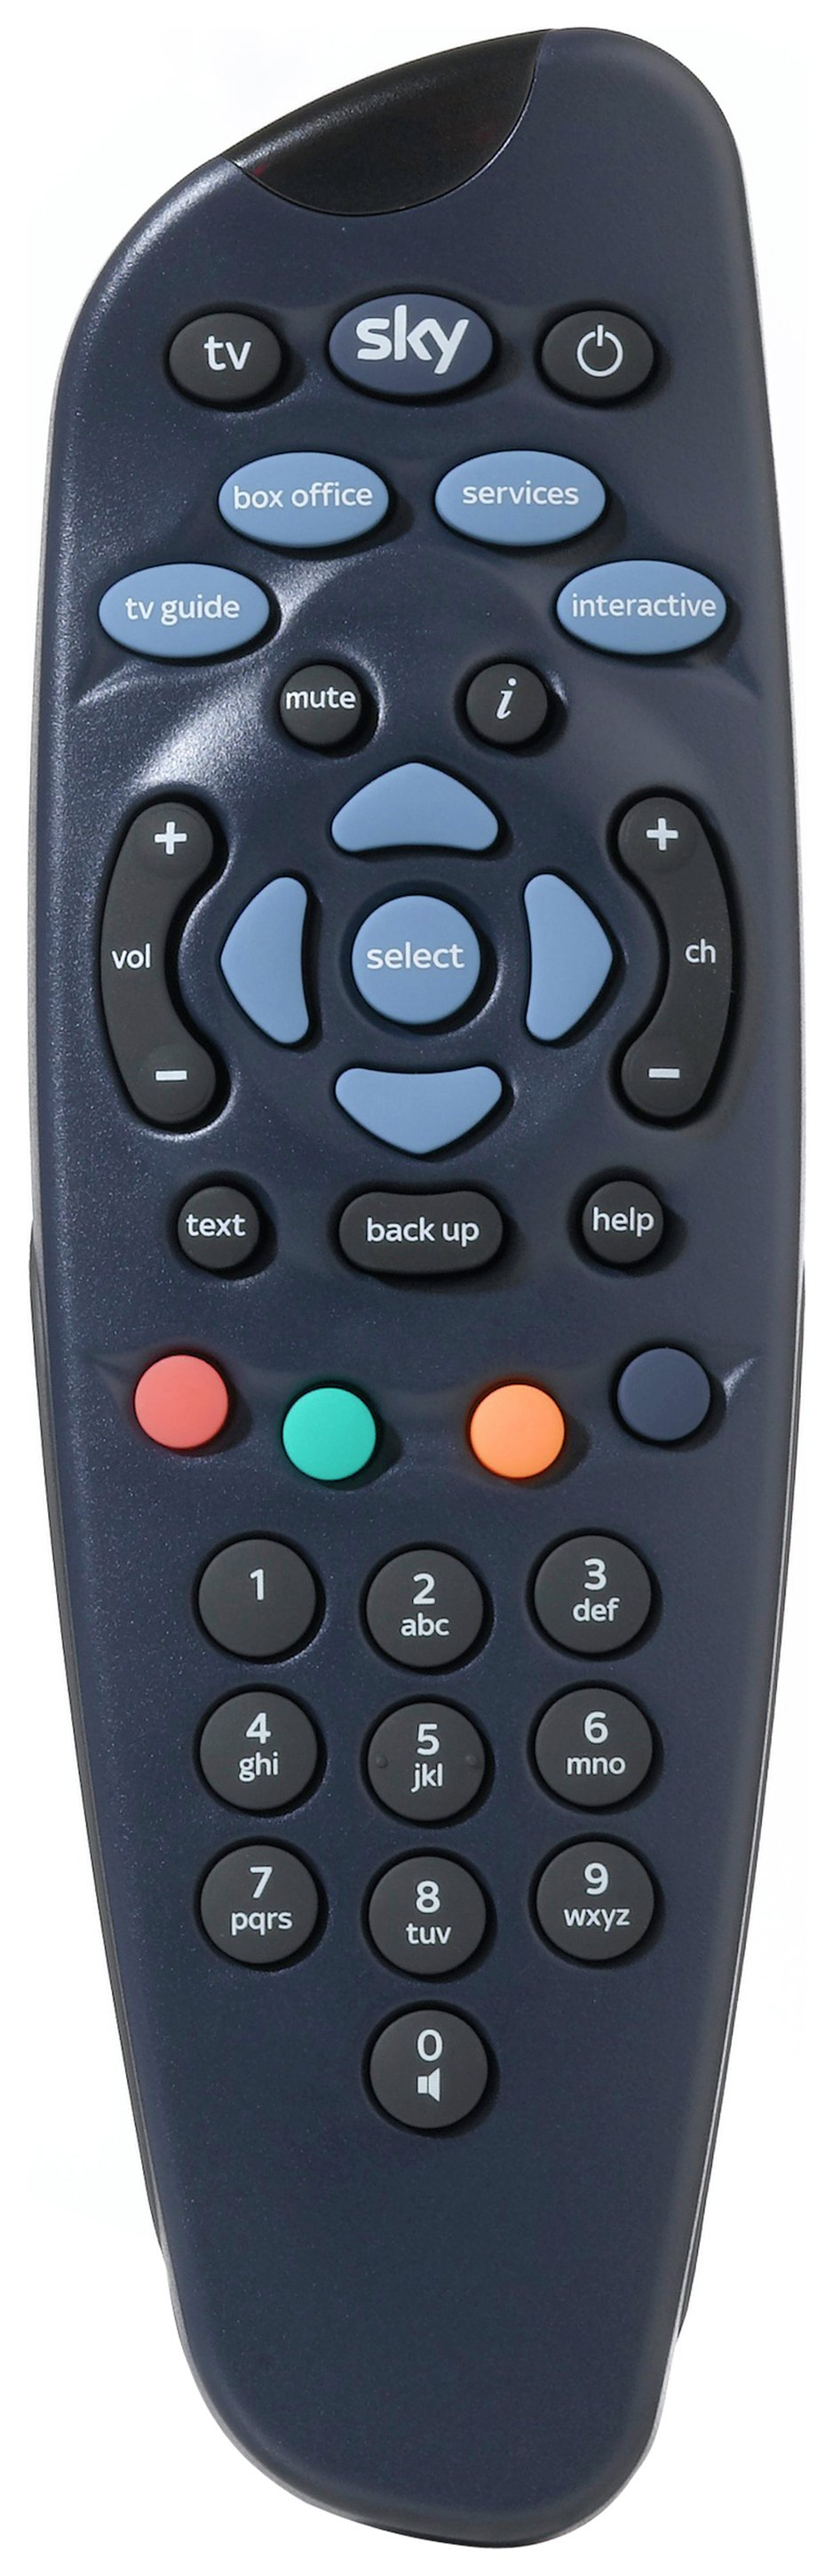 Sky Remote Control - Blue.